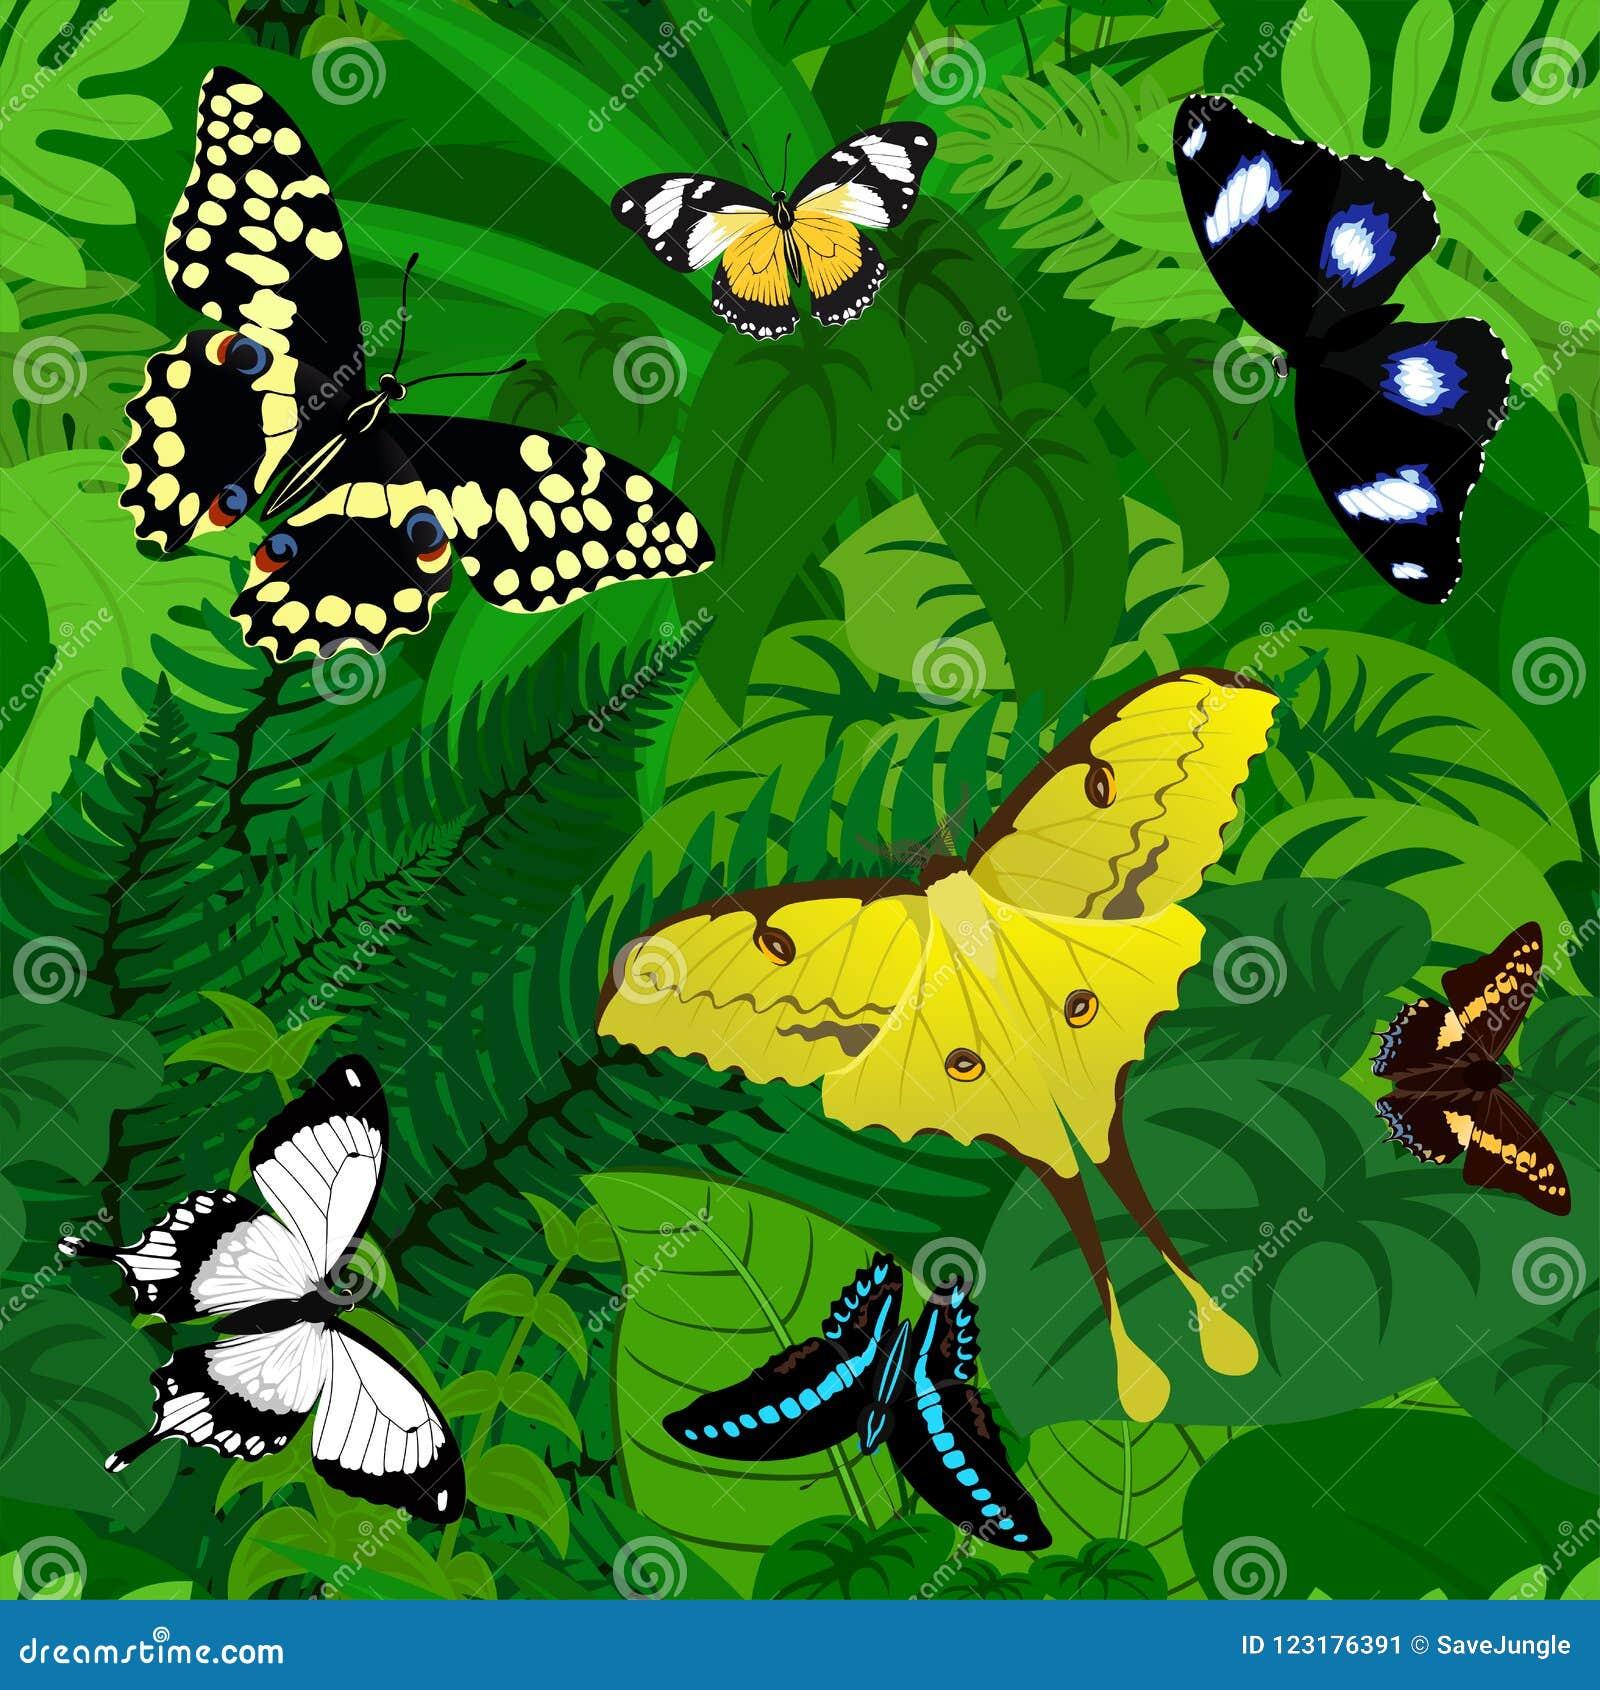 Bezszwowy wektorowy afrykański tropikalny tropikalny las deszczowy dżungli tło z motylami